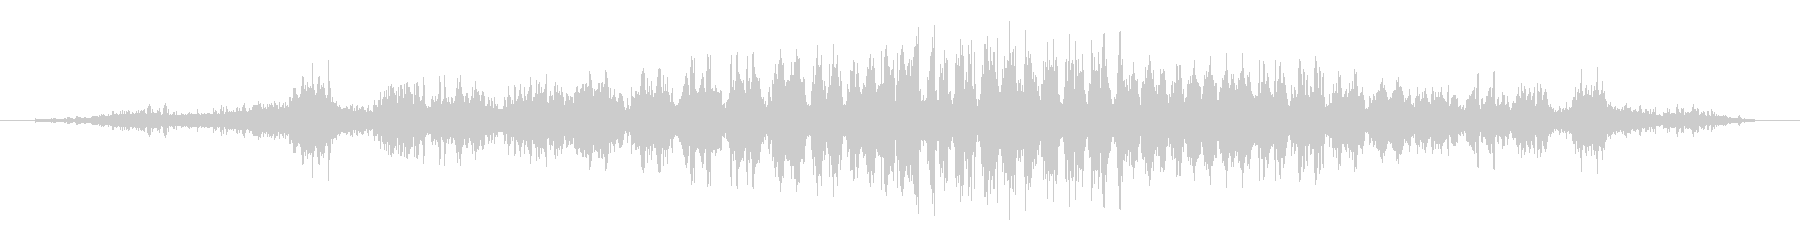 シュワーッ(疾走感のある効果音)の未再生の波形